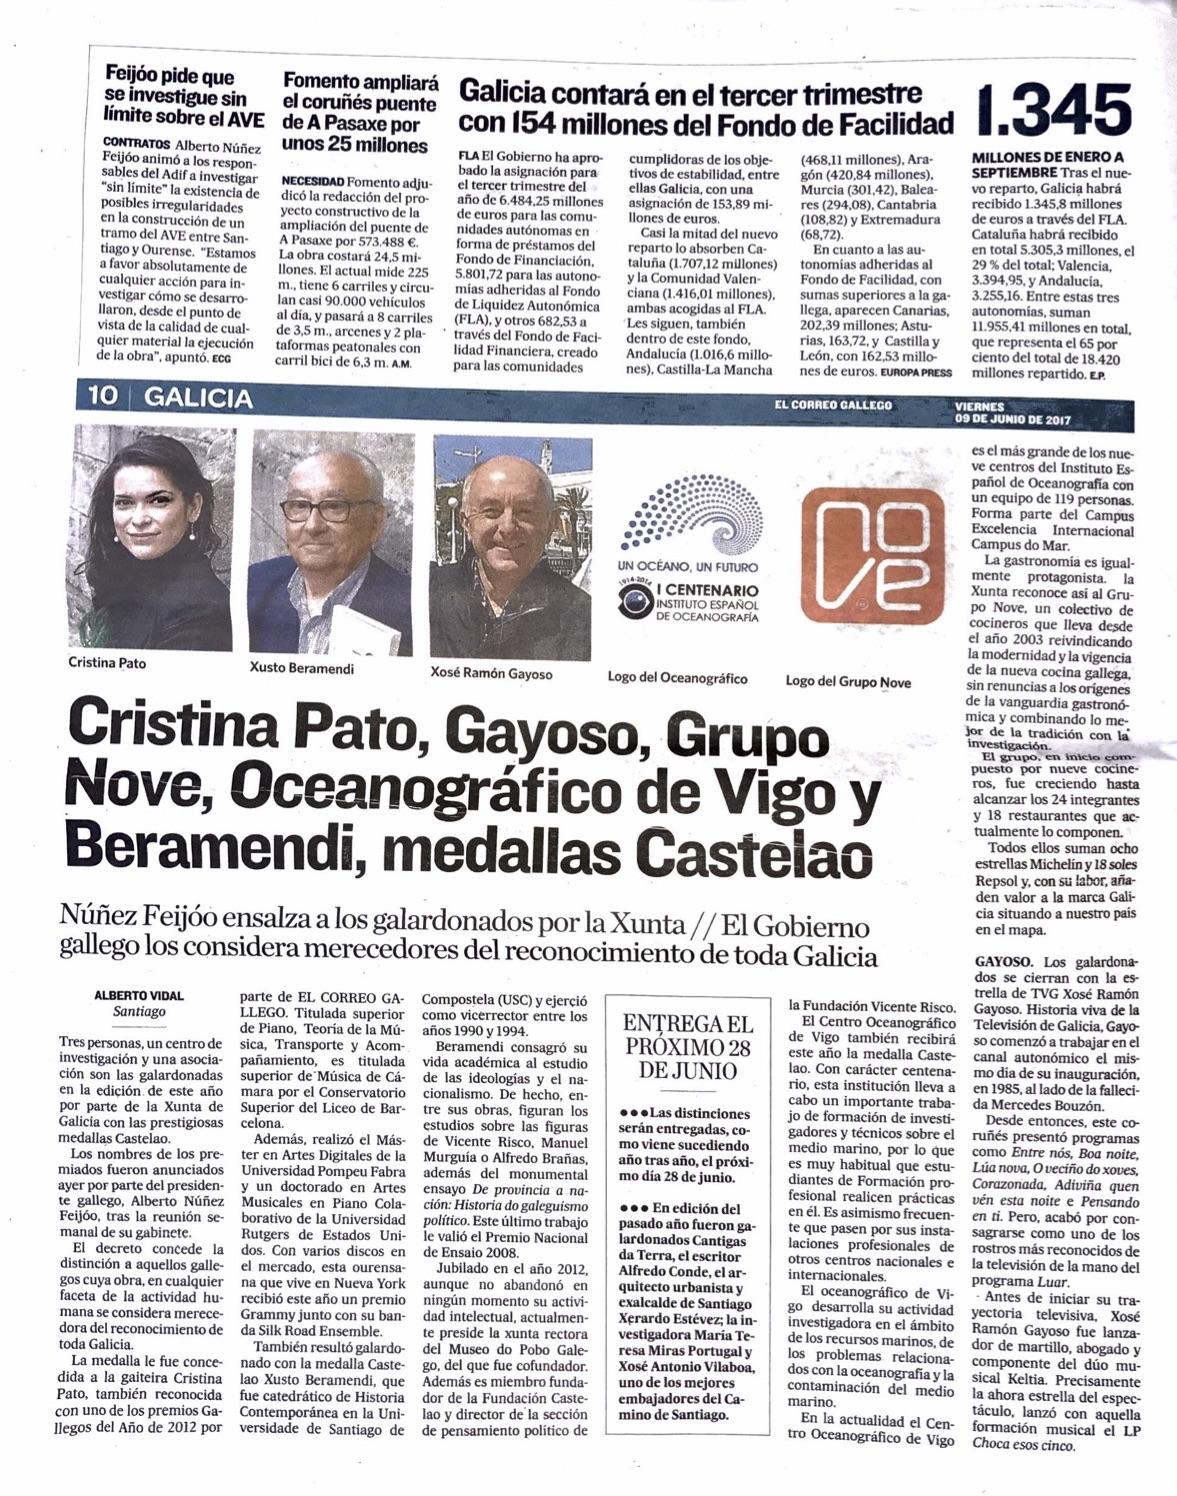 El Correo Gallego 09/06/2017